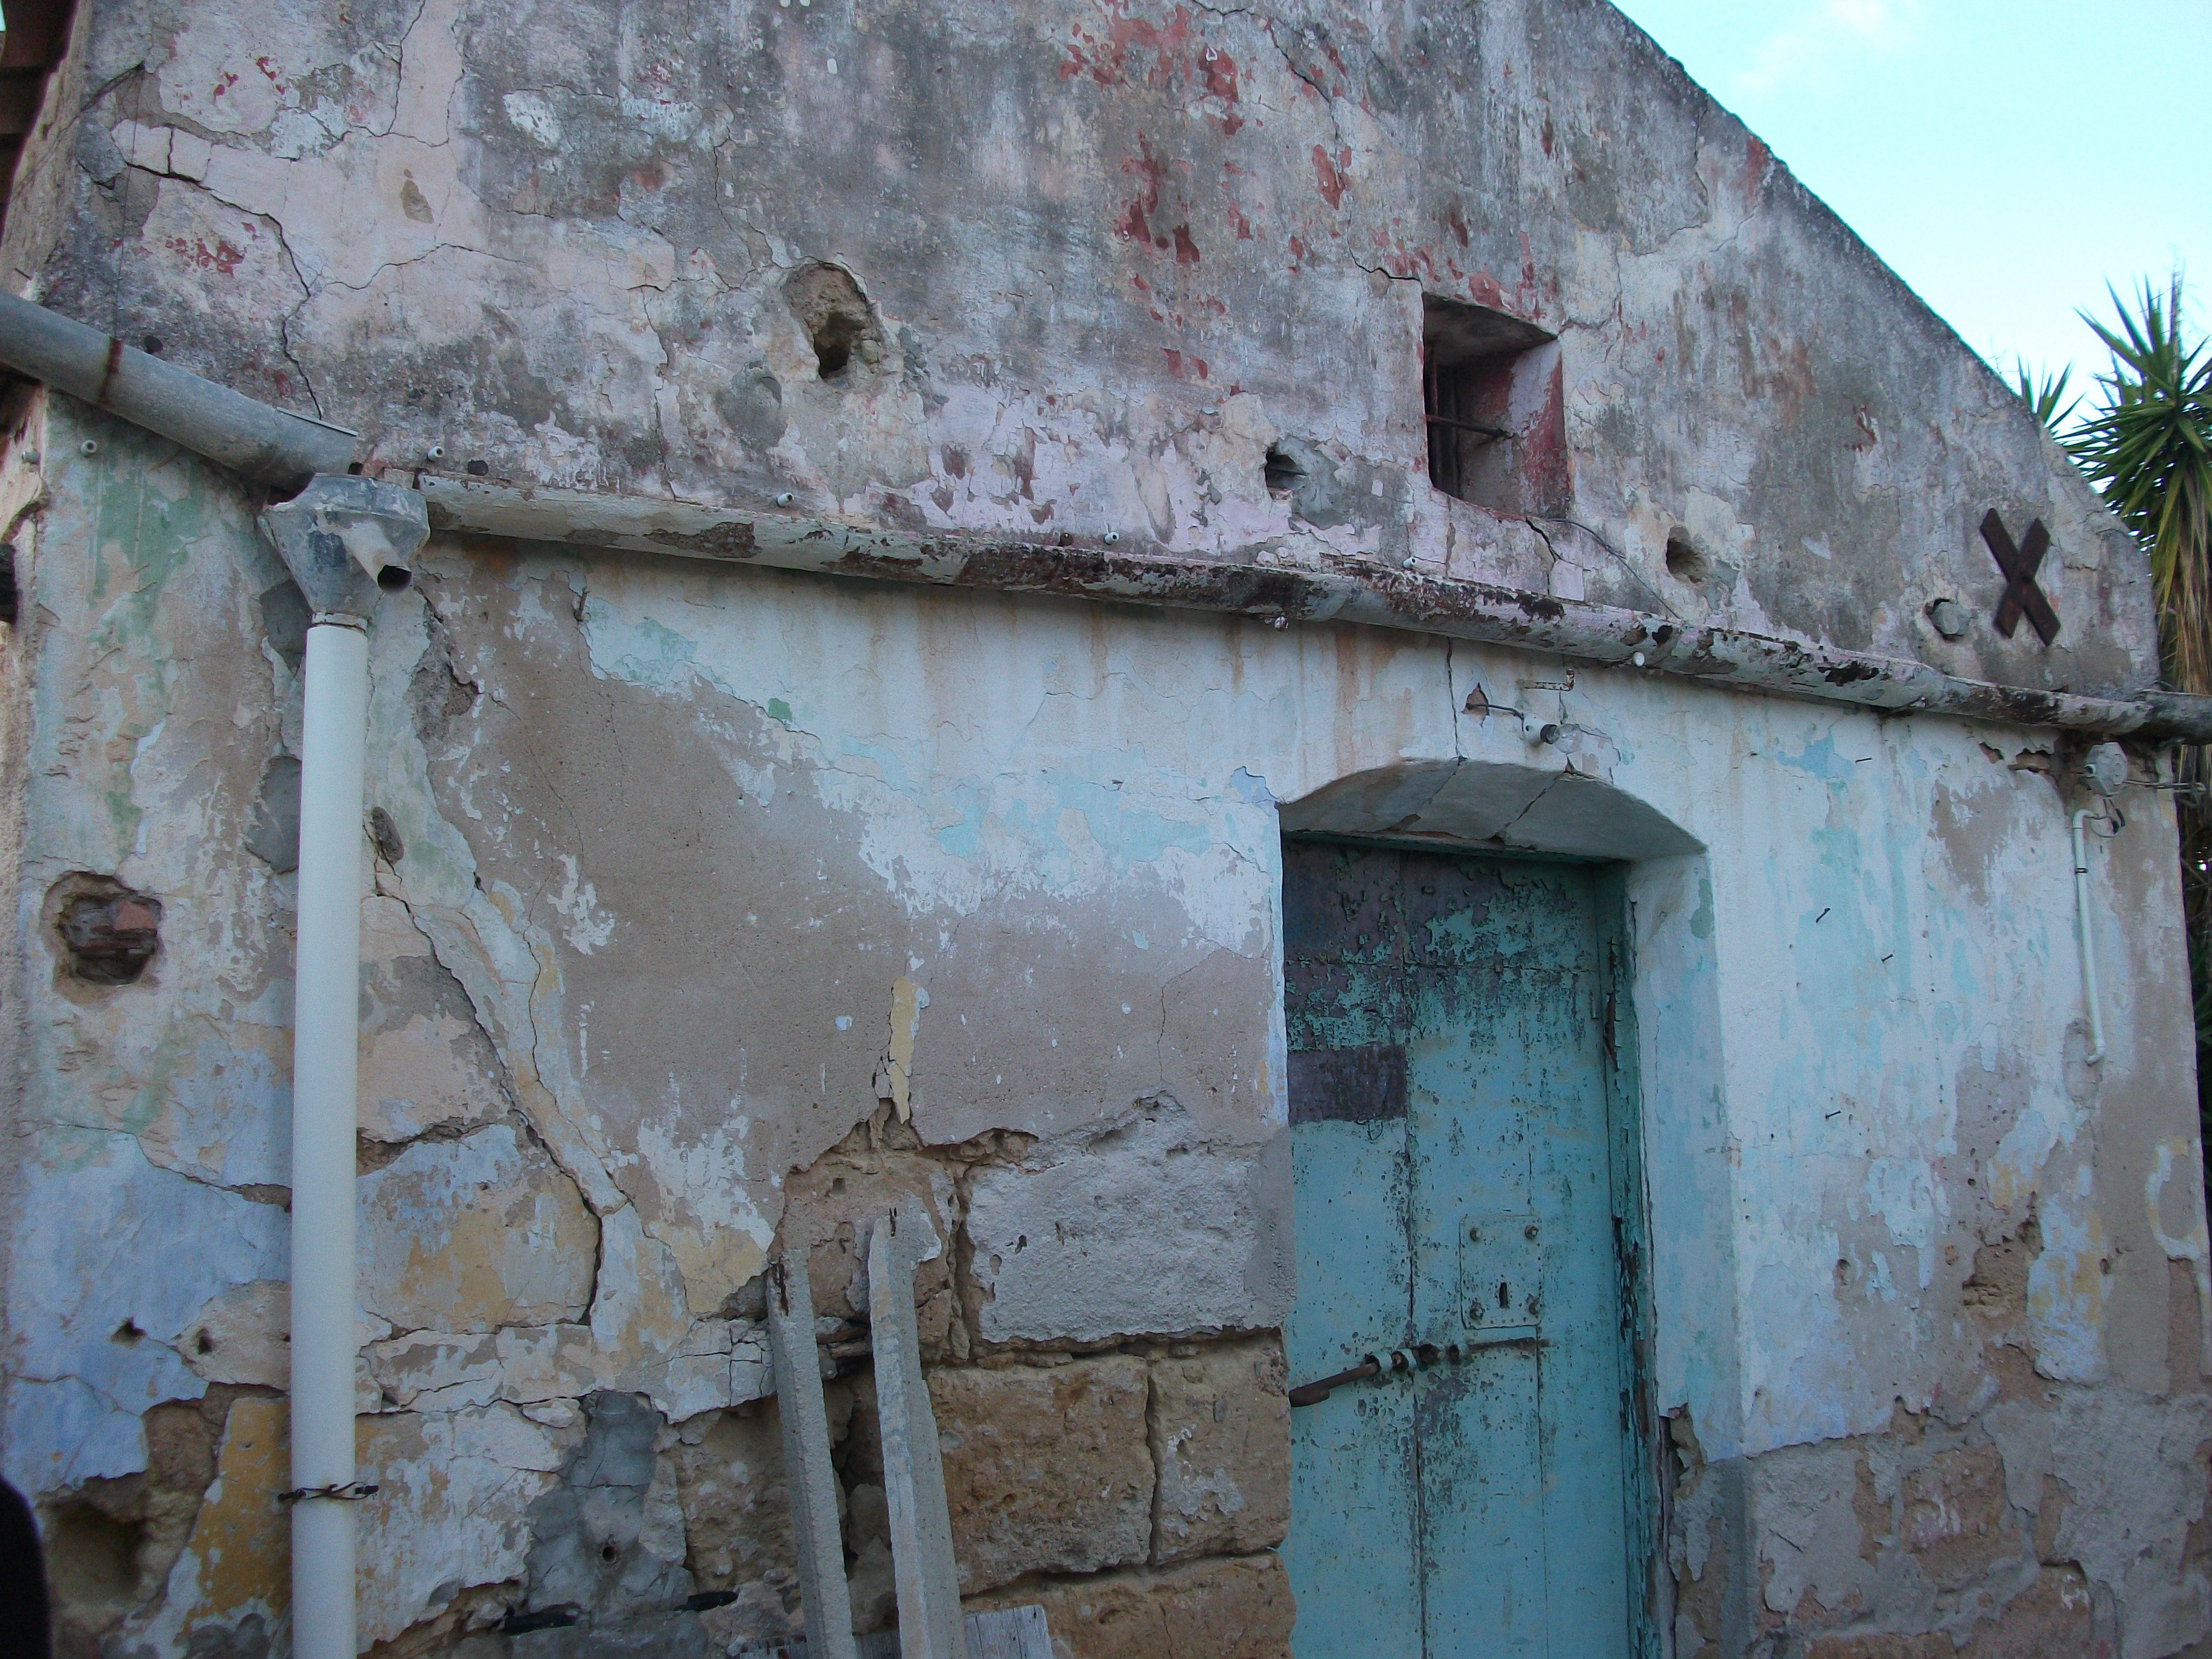 esterno di un casale in ristrutturazione